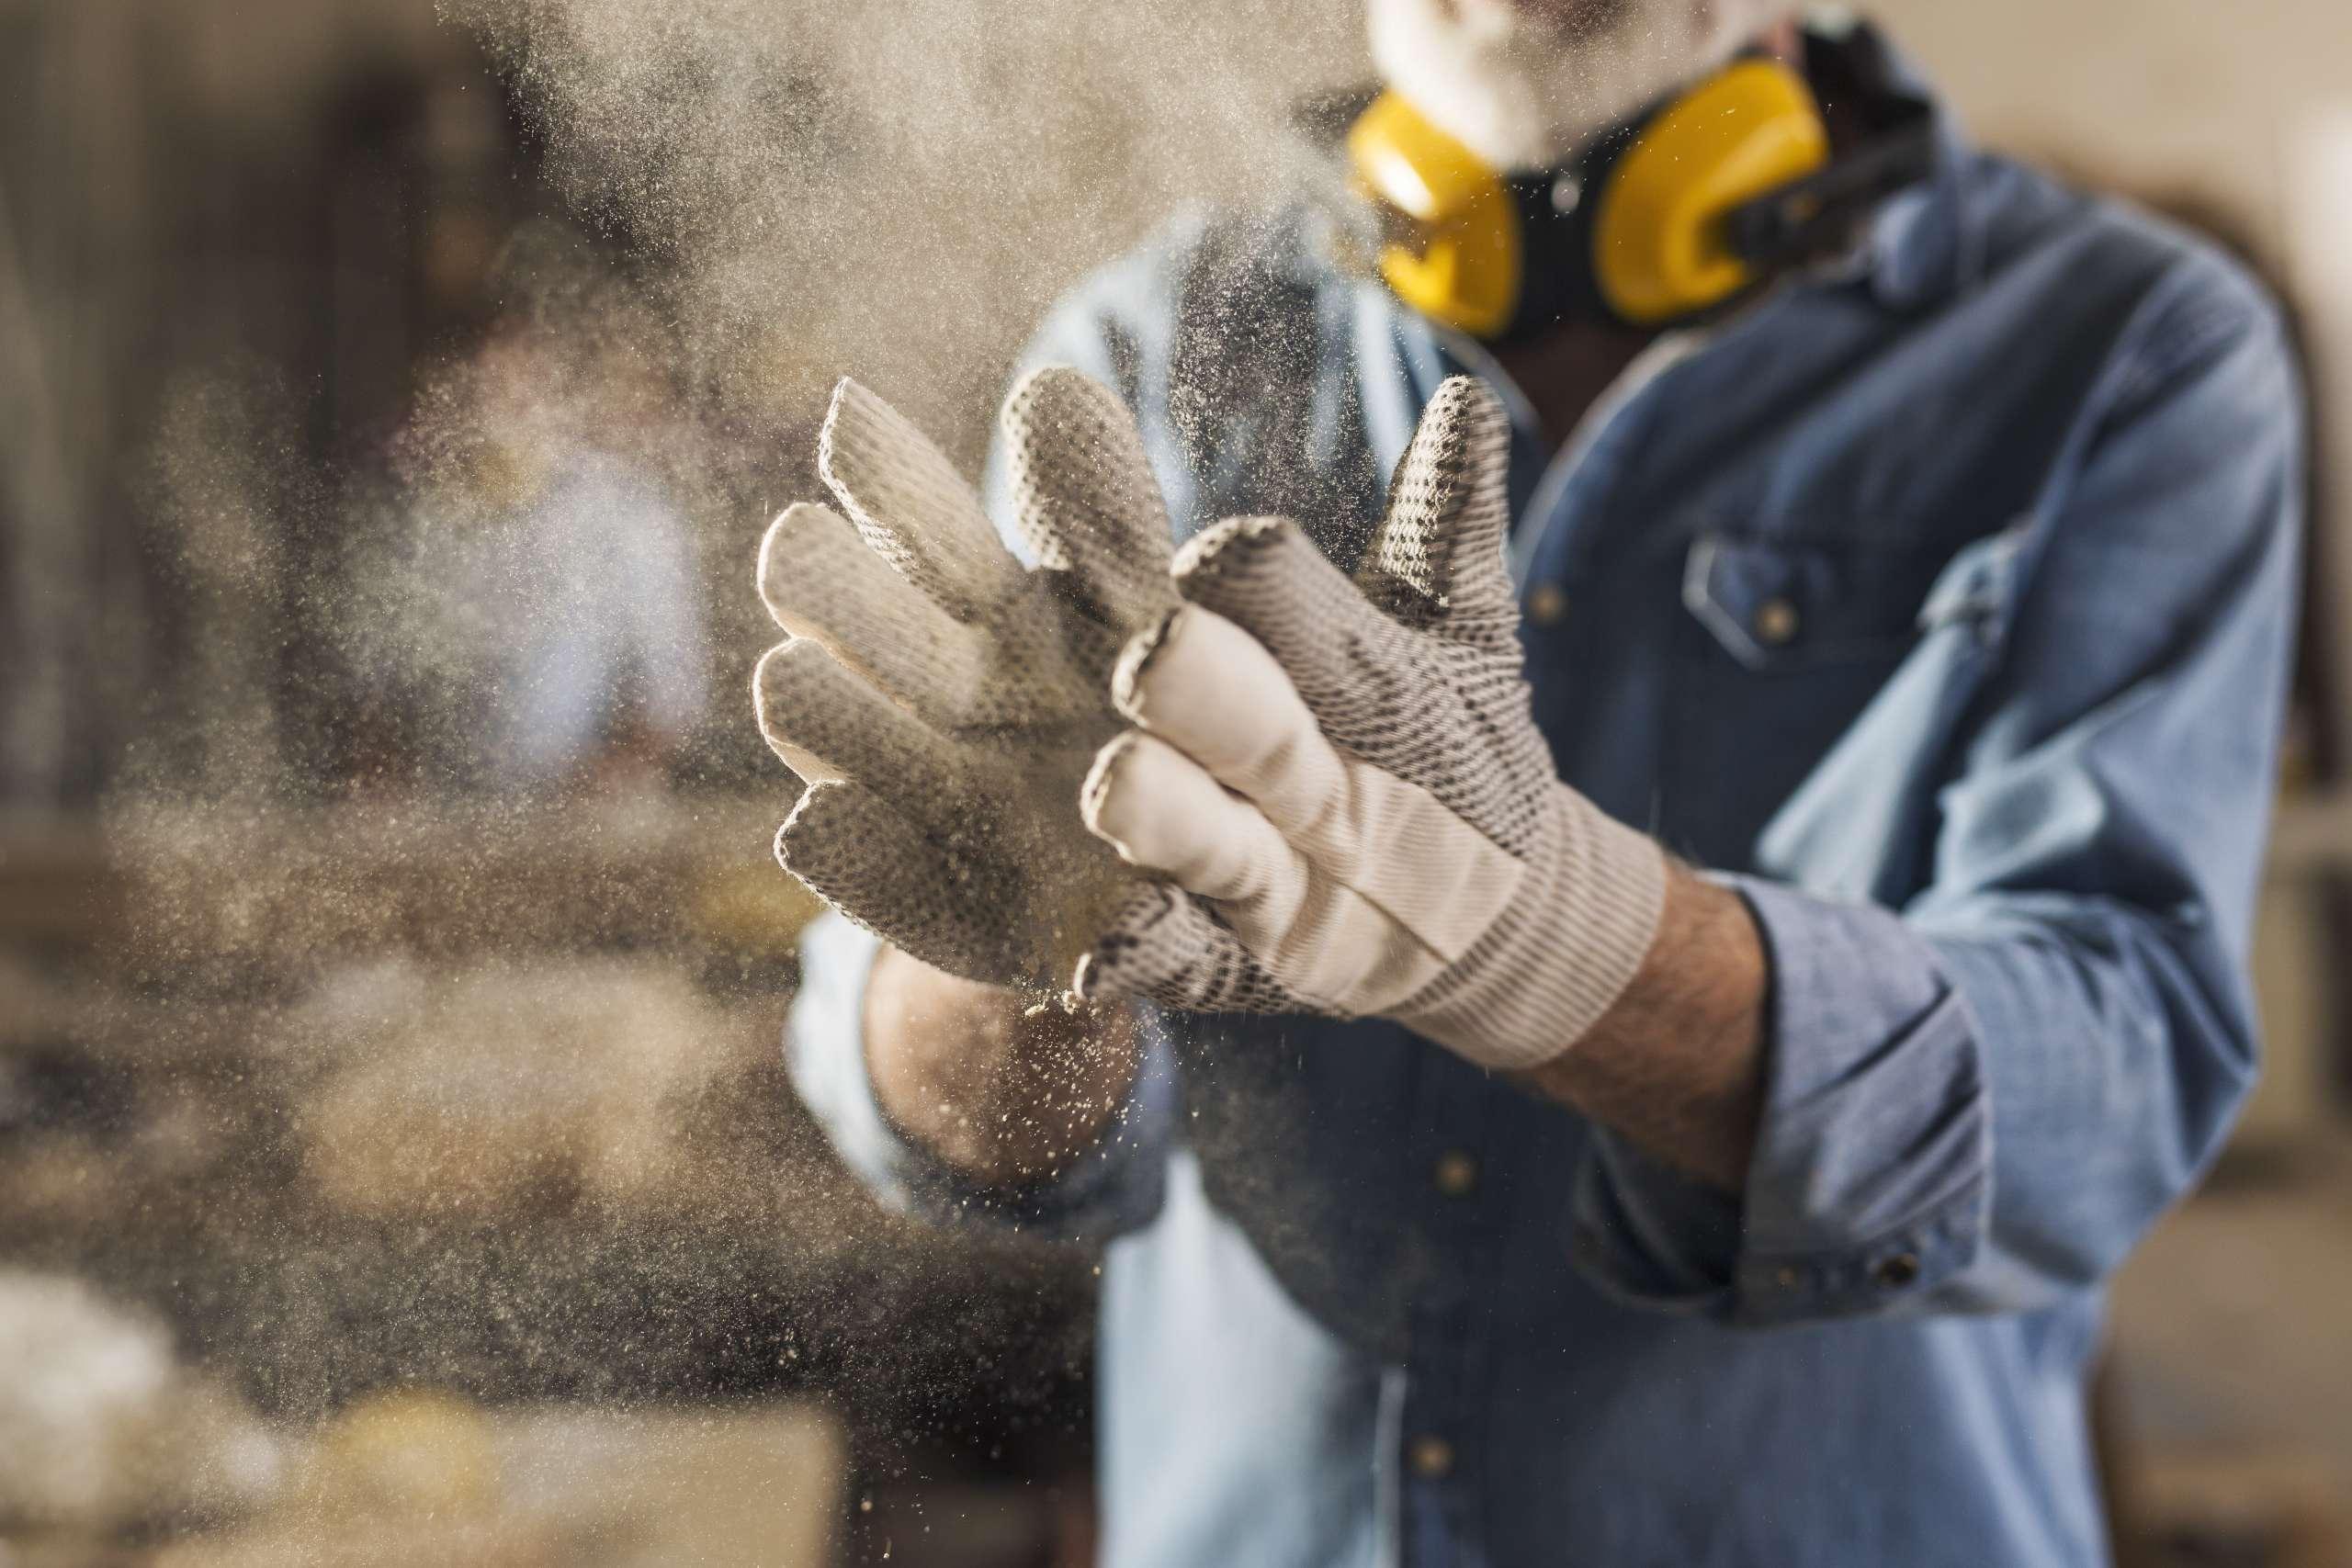 Koop jij al traprenovatie in bij de vakhandel die gespecialiseerd is in traprenovatie?